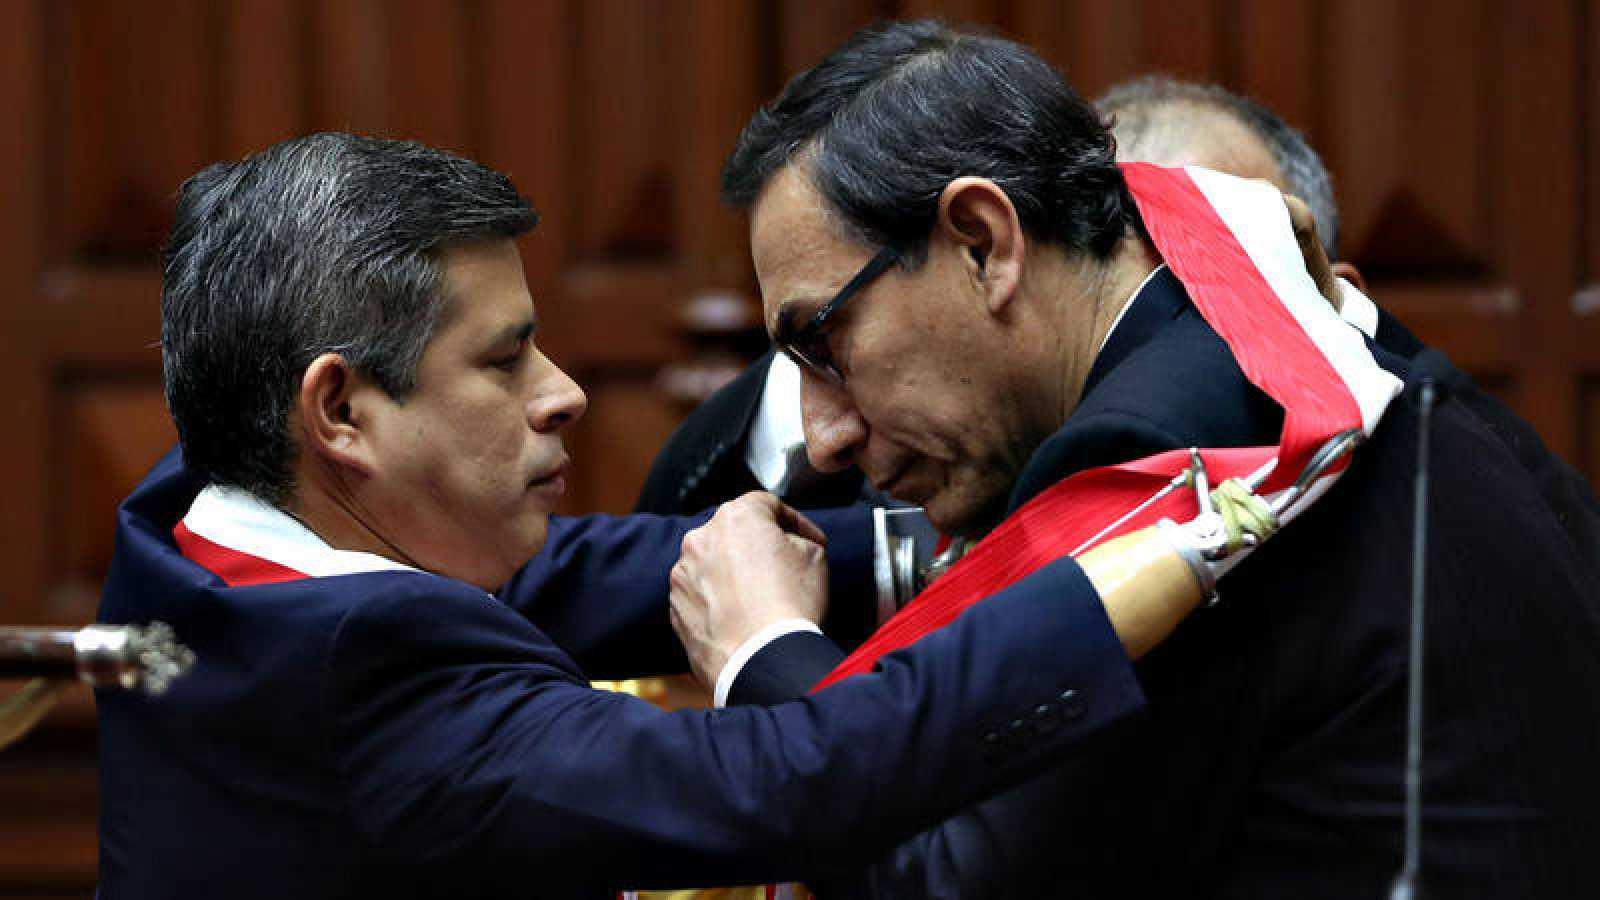 El presidente del Congreso peruano, Luis Galarreta, le impone la banda presidencial a Martín Vizcarra